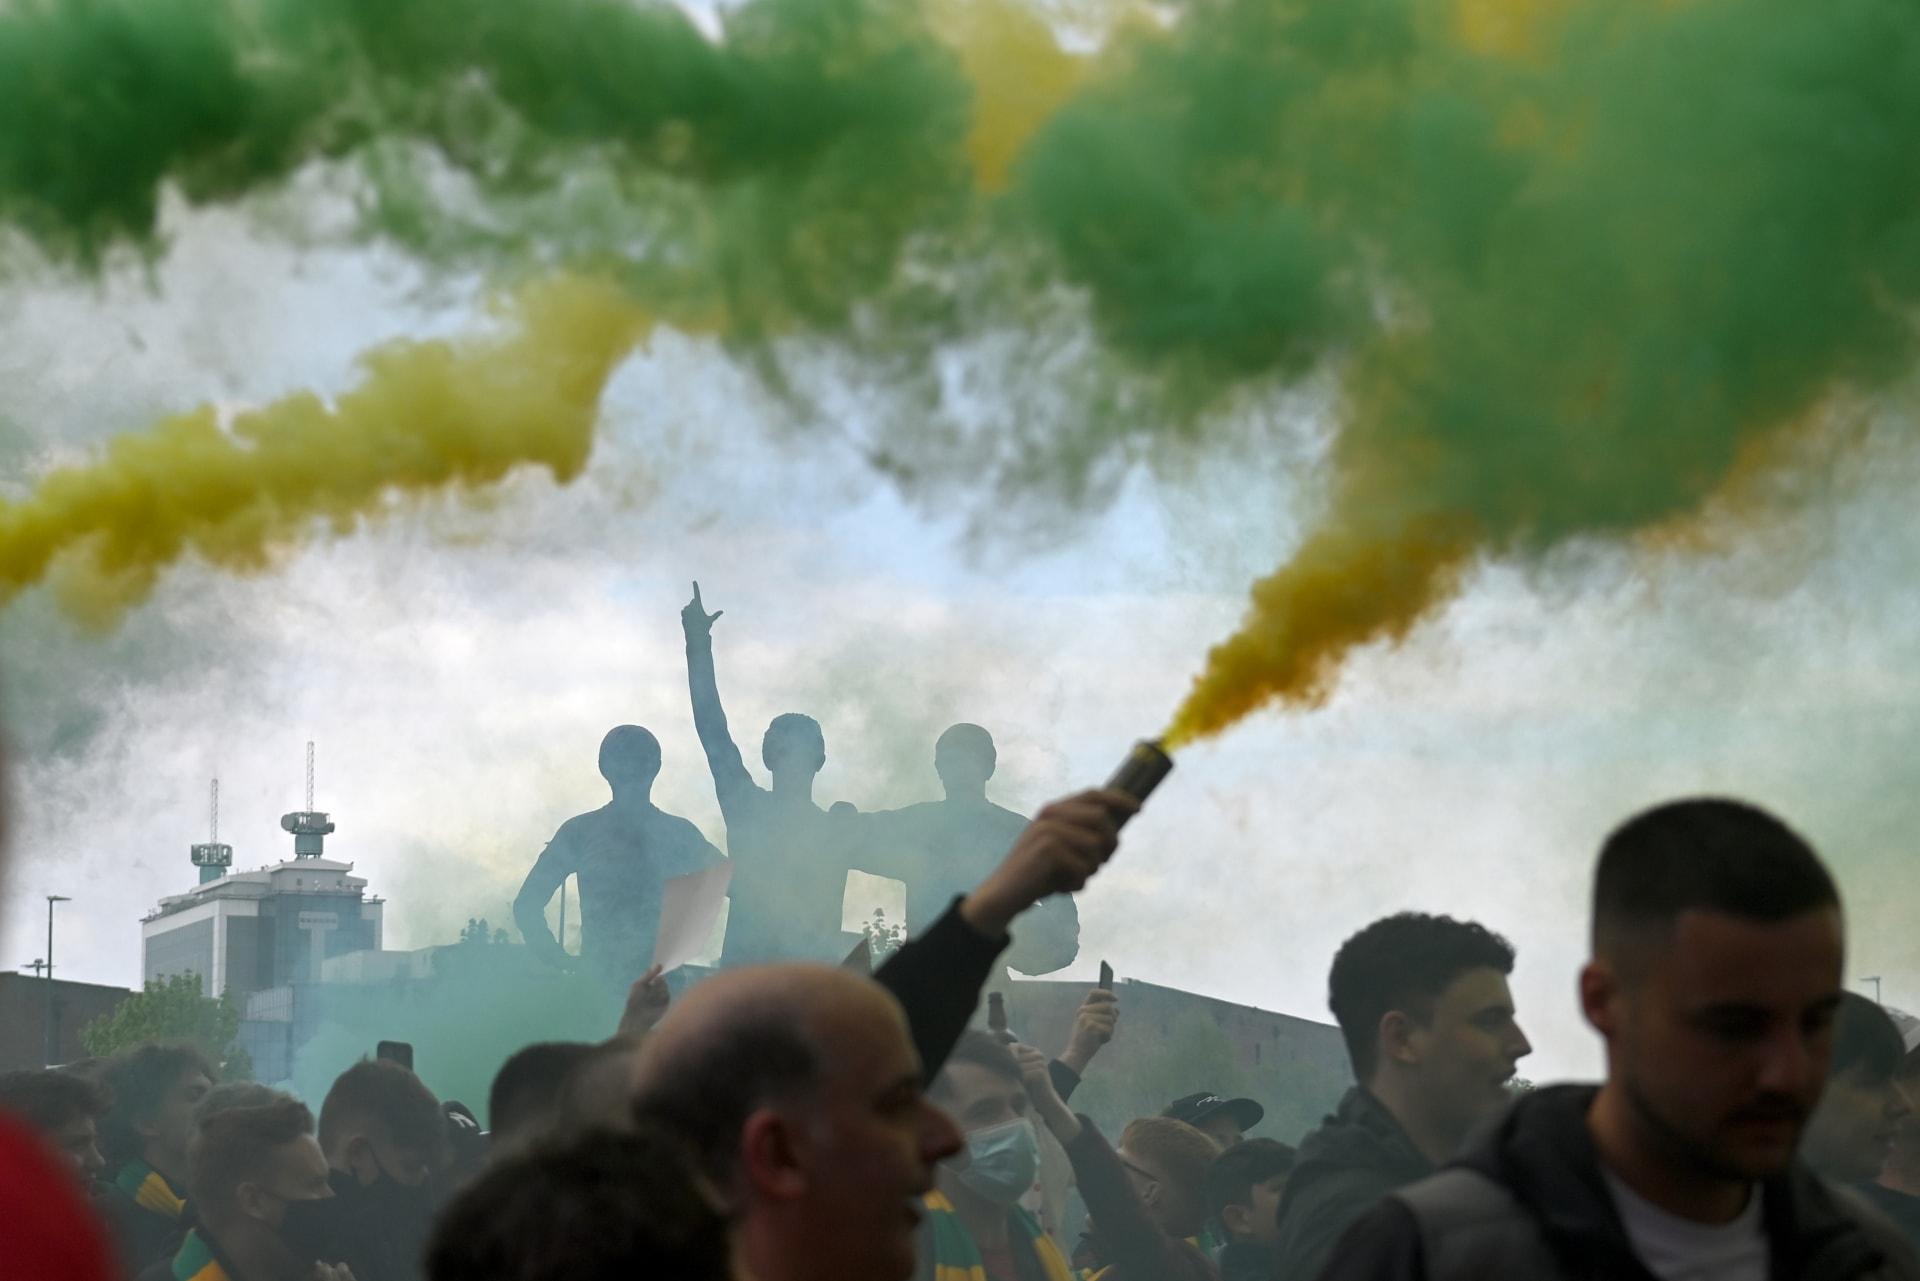 مشجعو مانشستر يونايتد يقتحمون ملعب أولد ترافورد قبيل مباراة ليفربول